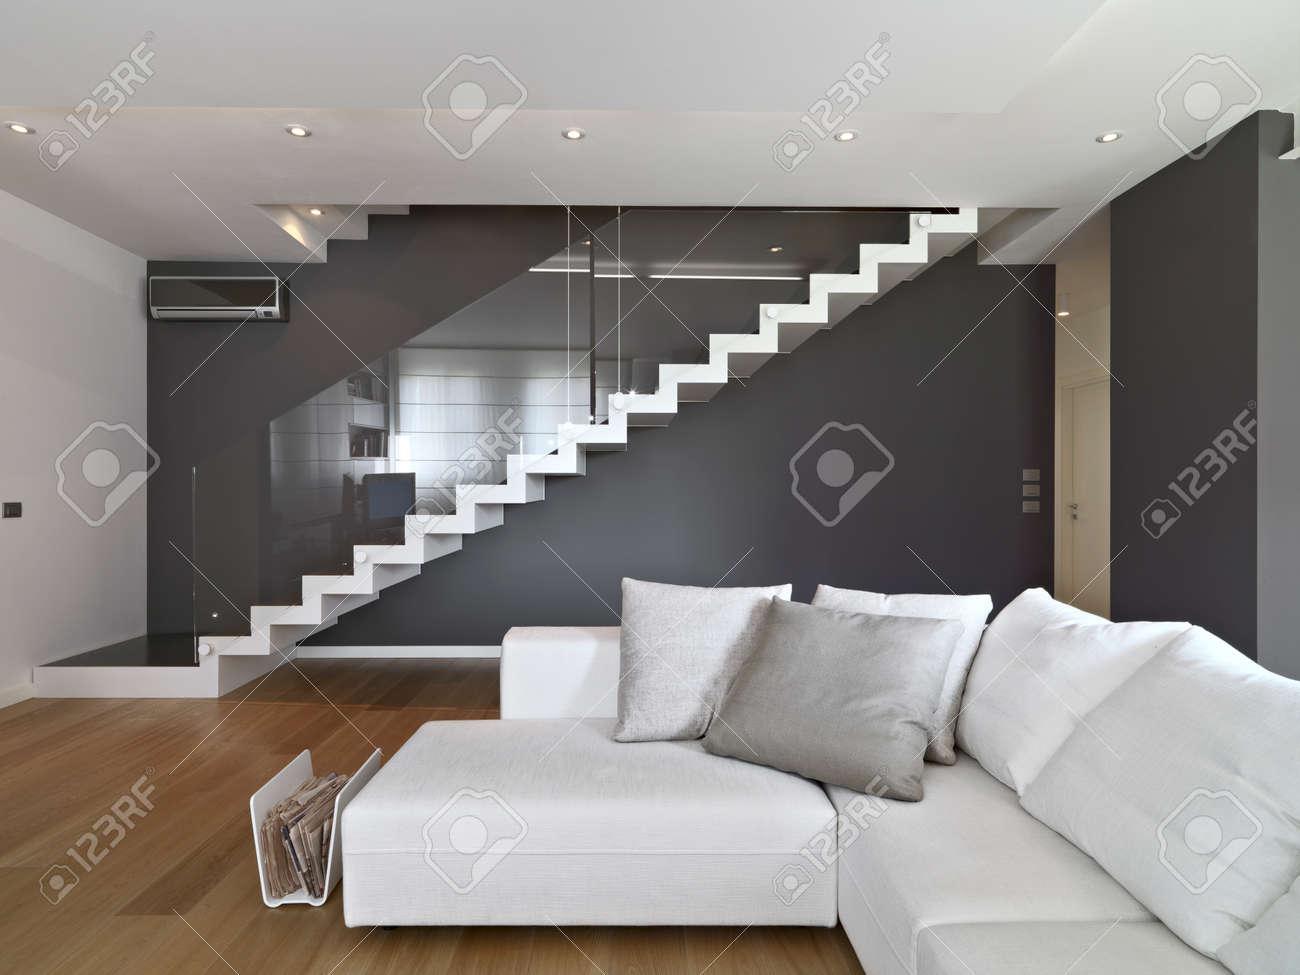 Elegant Banque Du0027images   Canapé Tissu Dans Le Salon Moderne Avec Escalier Et  Plancher En Bois